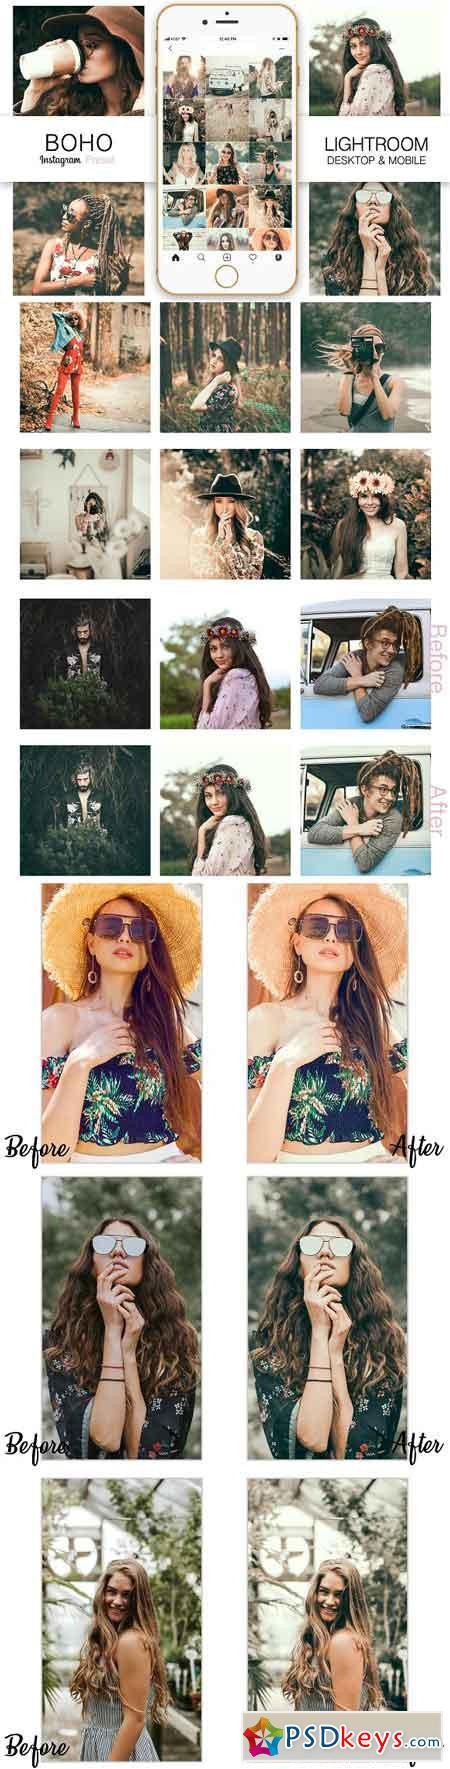 BOHO Instagram Blogger Preset 3318107